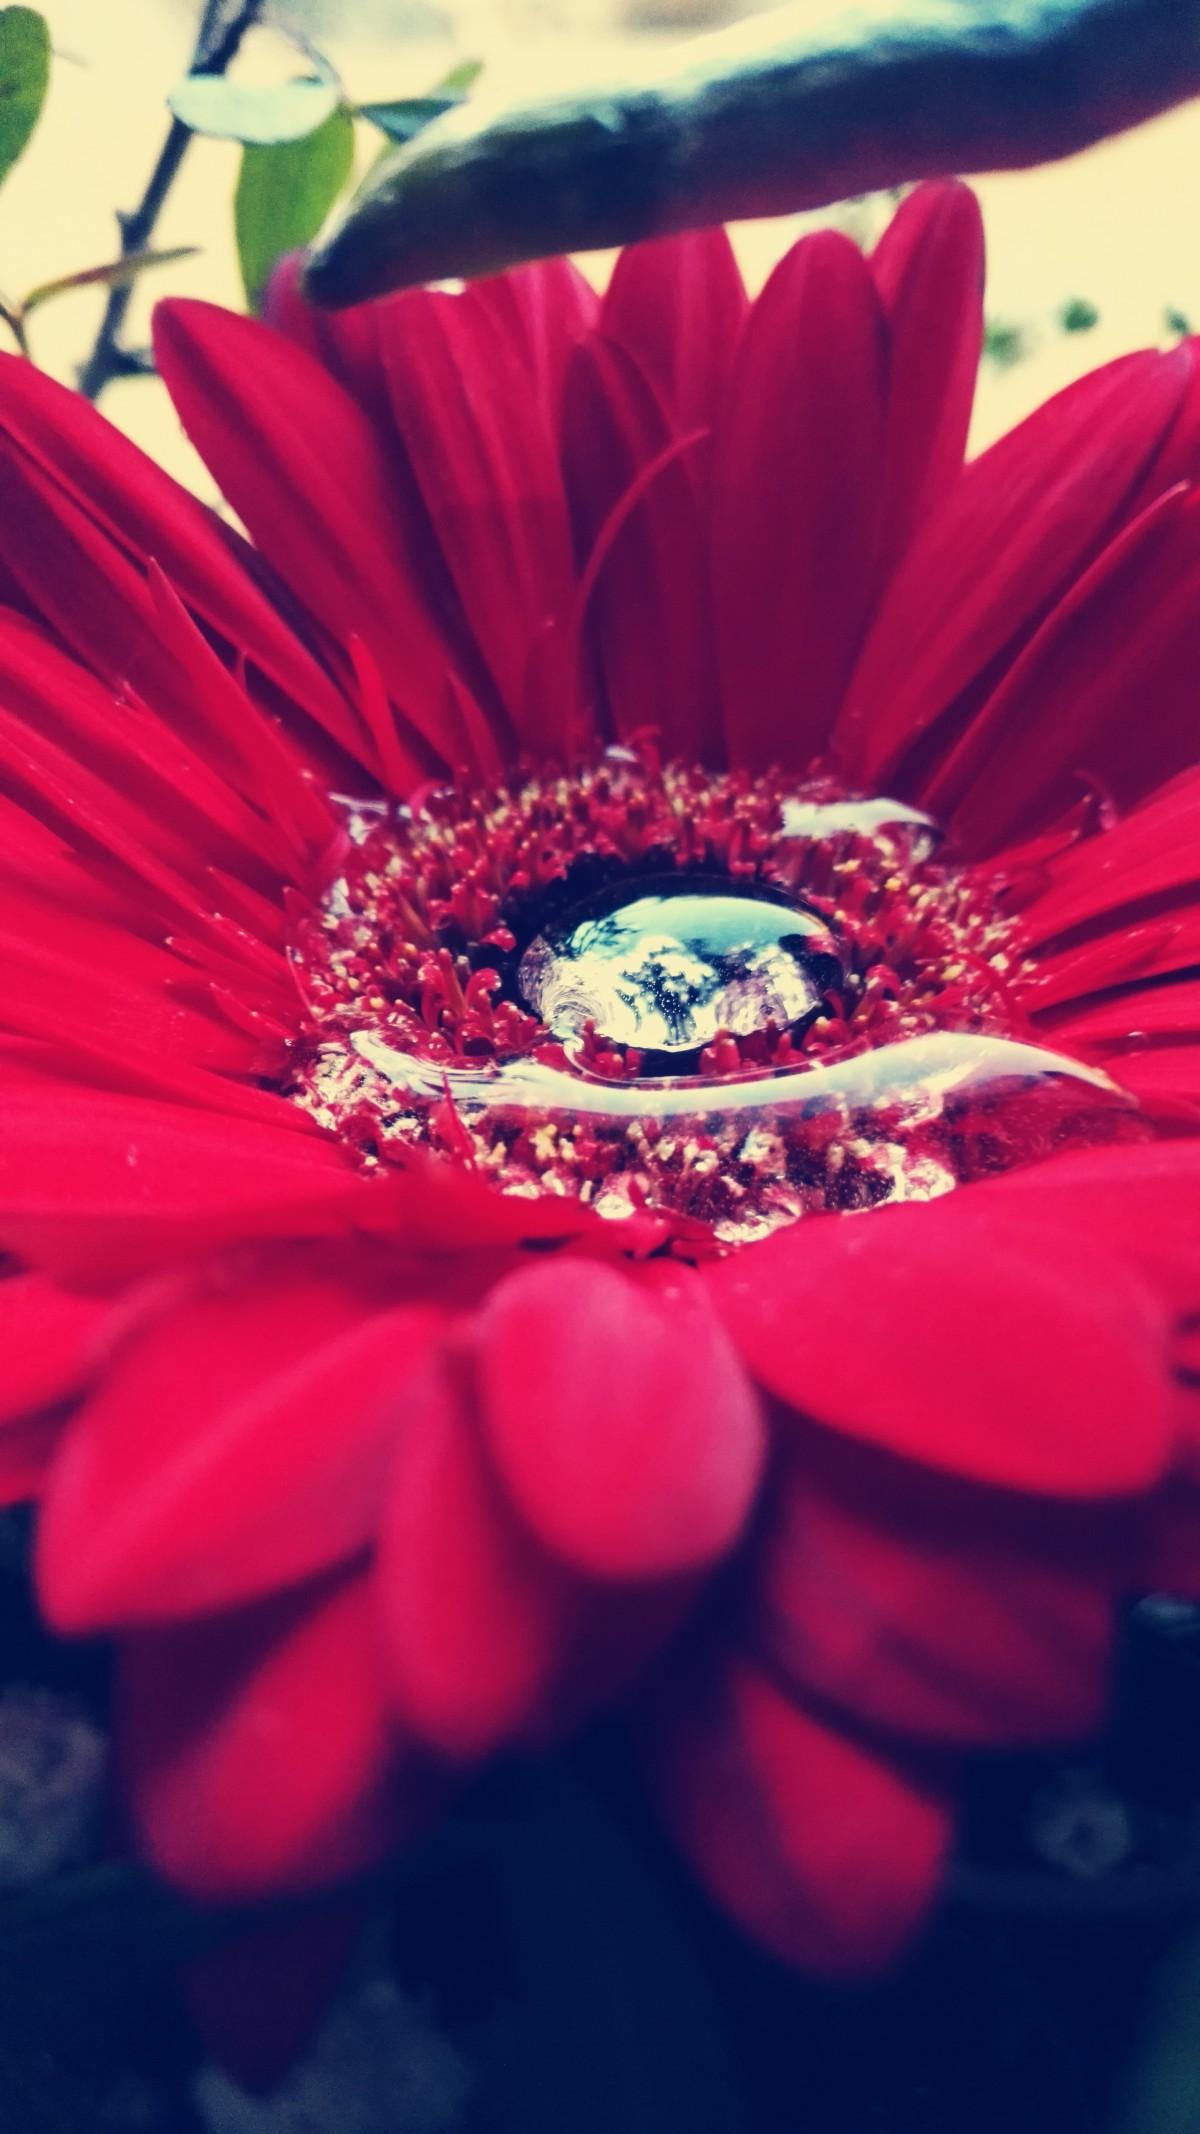 menanam fotografi bunga daun bunga merah warna